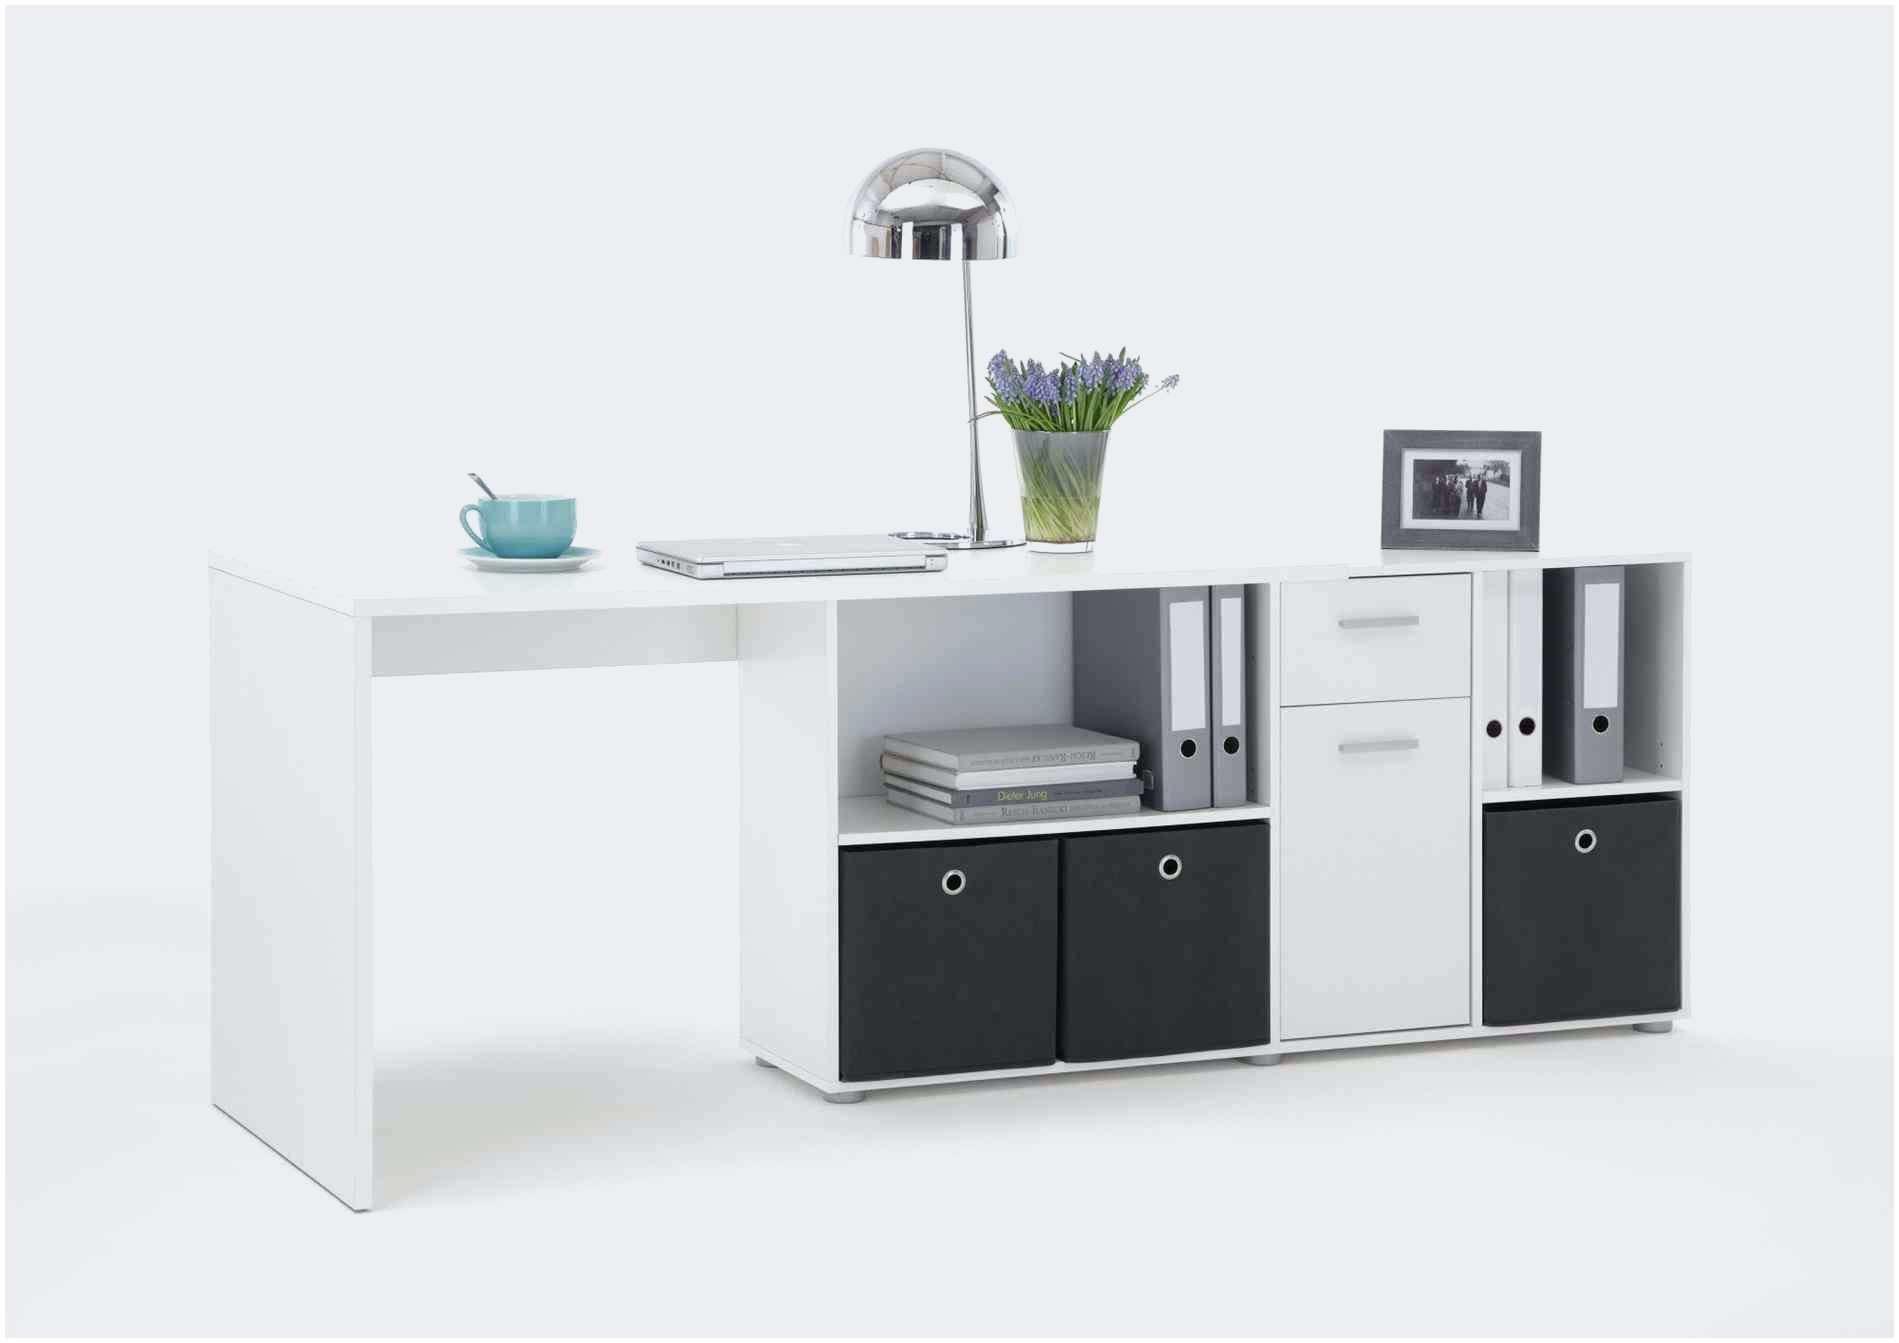 Lit Bureau Ikea Luxe Luxe Extraordinaire Bureau Angle Ikea But Trendy New Study Reveals